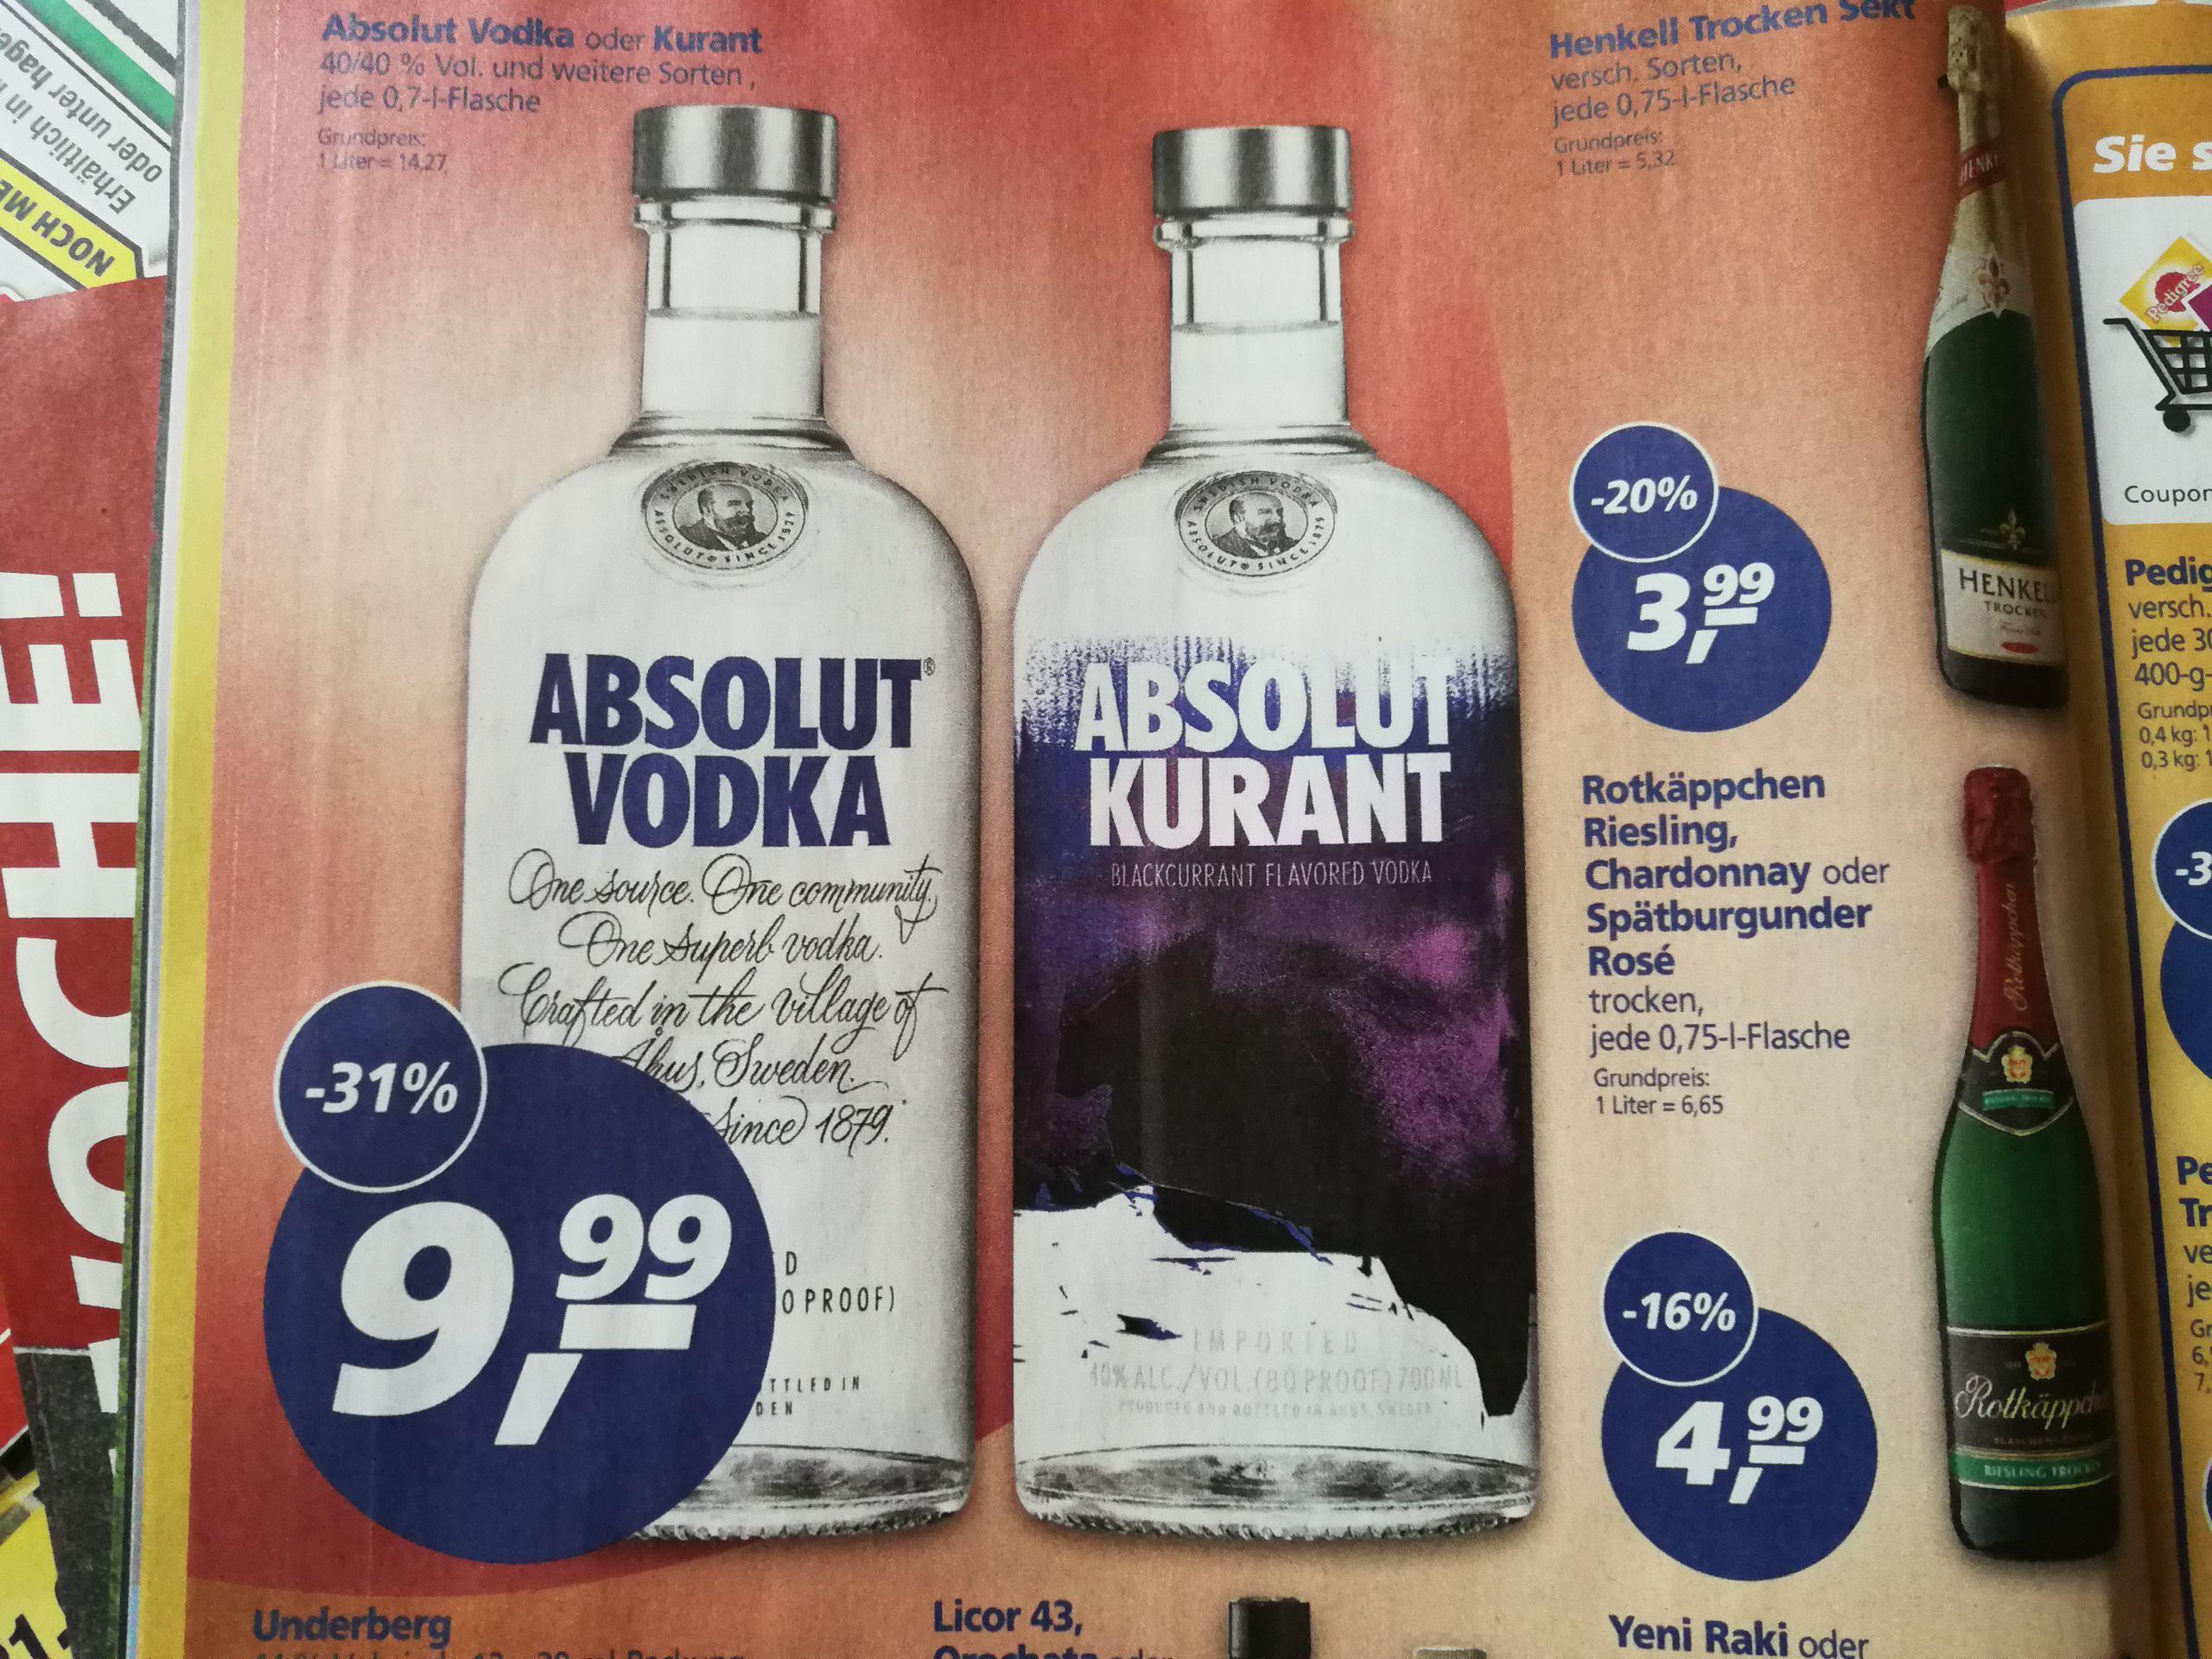 Absolut Vodka 9.99 Euro bei Real vom 14.08 bis 19.08 (Alle Sorten natürlich)